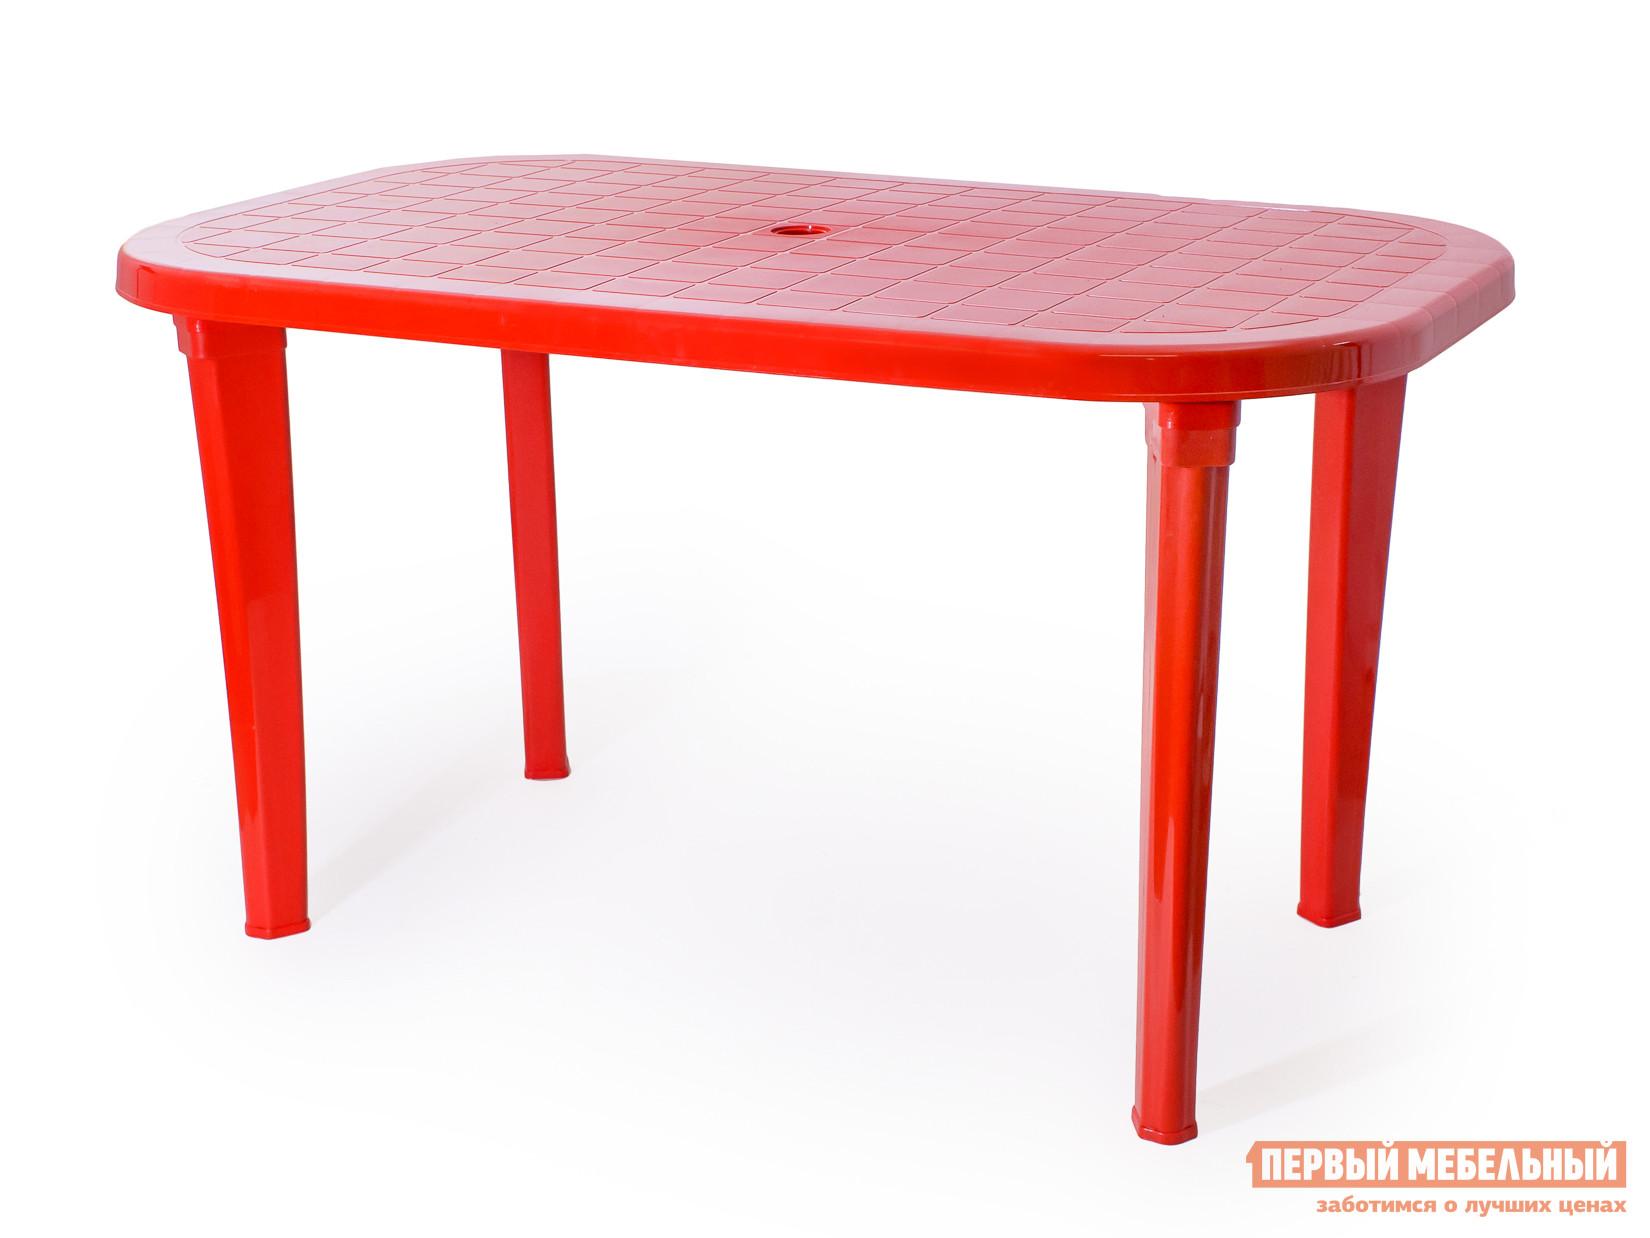 Пластиковый стол ЭЛП Стол овальный КрасныйПластиковые столы<br>Габаритные размеры ВхШхГ 740x1380x800 мм. Пластиковый Стол овальный для семейных посиделок на даче, на веранде или для обустройства уютного кафе для вечерних встреч с друзьями.  Столешница имеет негладкую поверхность, что предотвратит случайное падение посуды и предметов.  За столом будет приятно собраться с близкими и обсудить последние события, поделиться новостями, сыграть в любимую в семье настольную игру. Стол имеет размеры 740 х 1380 х 800 мм и с комфортом уместит шесть человек.  Его легкий вес, всего 7,9 кг, позволяет быстро переместить стол в нужное место.  Изделие выполняется из пластика — прочного и неприхотливого материала, устойчивого к температурным колебаниям и влажности.  Стол поставляется в разобранном виде.  Чтобы его собрать, нужно всего лишь вкрутить ножки в столешницу.  Это занимает считанные минуты.<br><br>Цвет: Красный<br>Высота мм: 740<br>Ширина мм: 1380<br>Глубина мм: 800<br>Кол-во упаковок: 1<br>Форма поставки: В разобранном виде<br>Срок гарантии: 1 год<br>Форма: Овальные<br>Форма: Прямоугольные<br>Размер: Большие